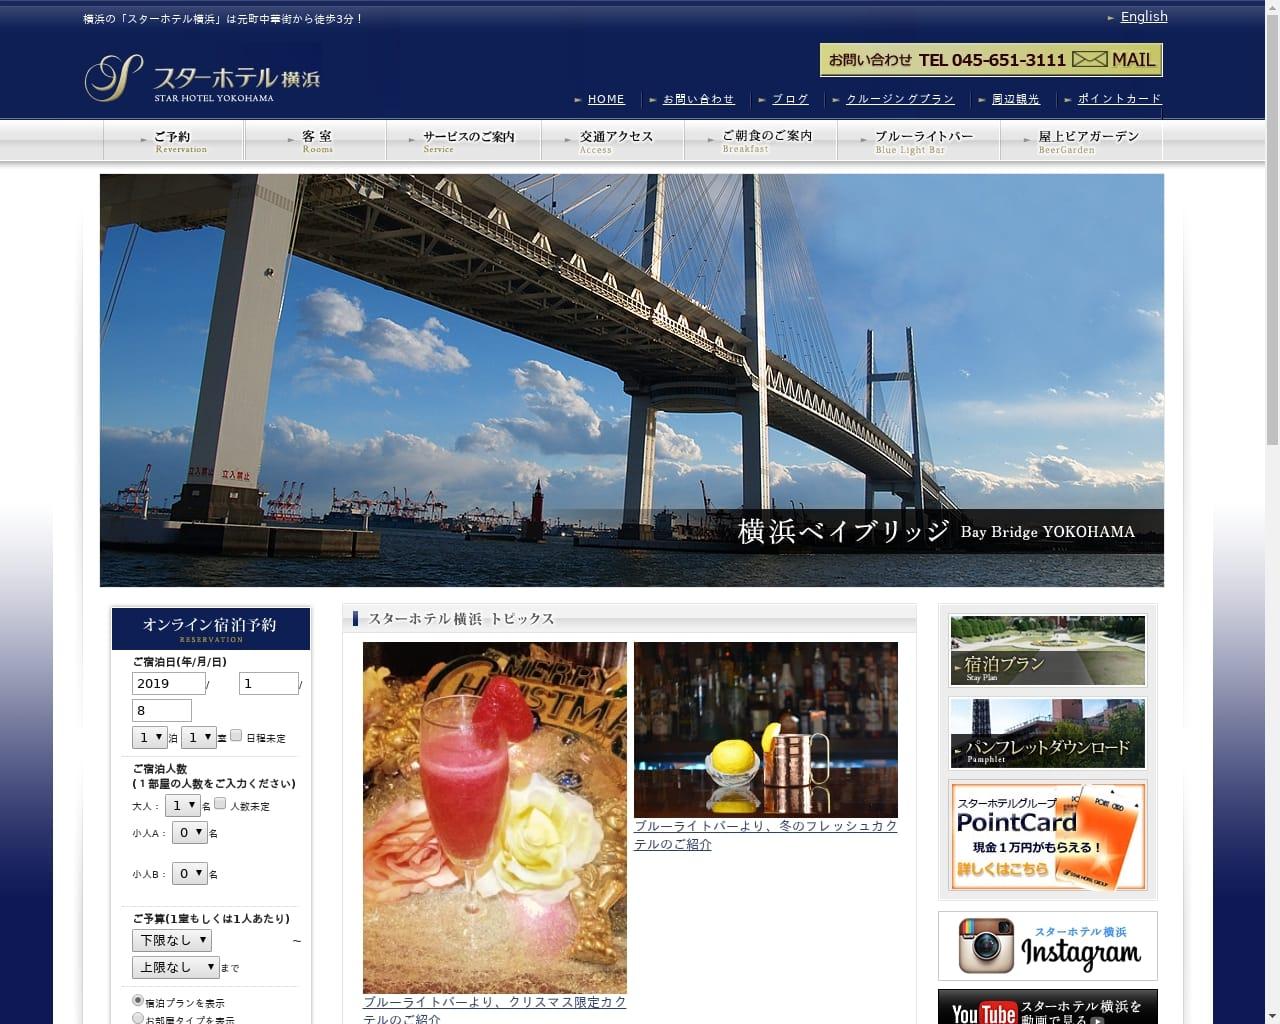 高級ホテル特集 スターホテル横浜